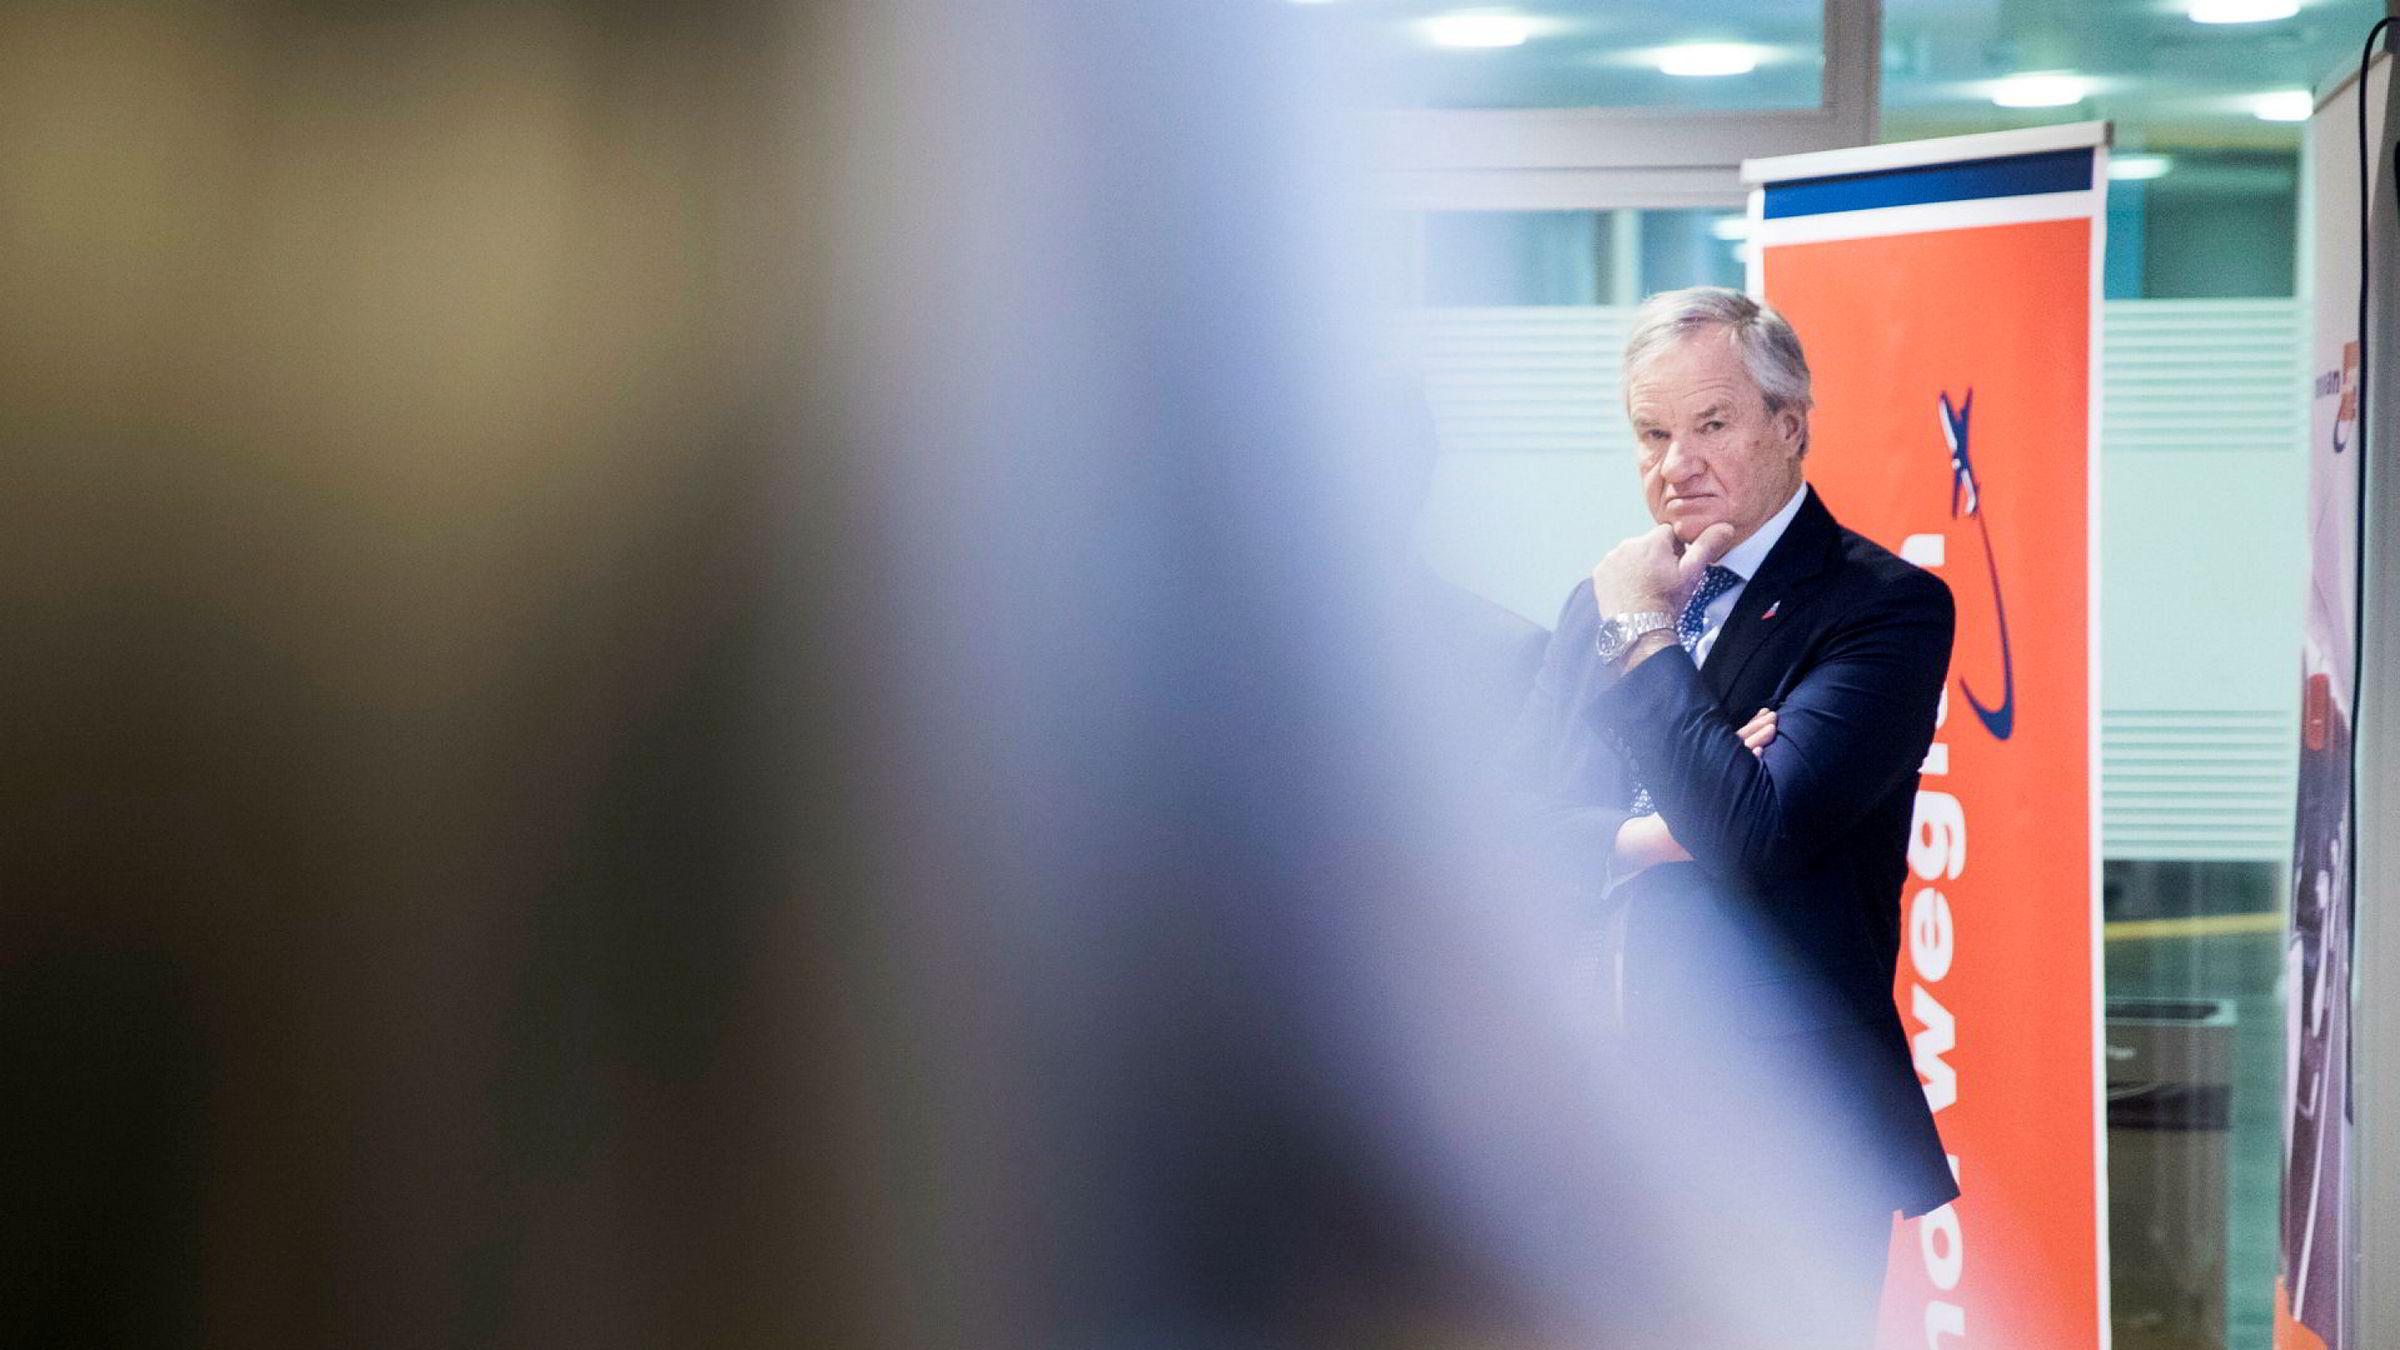 Norwegian-sjef Bjørn Kjos møter motgang etter et svakt første kvartal i 2018.